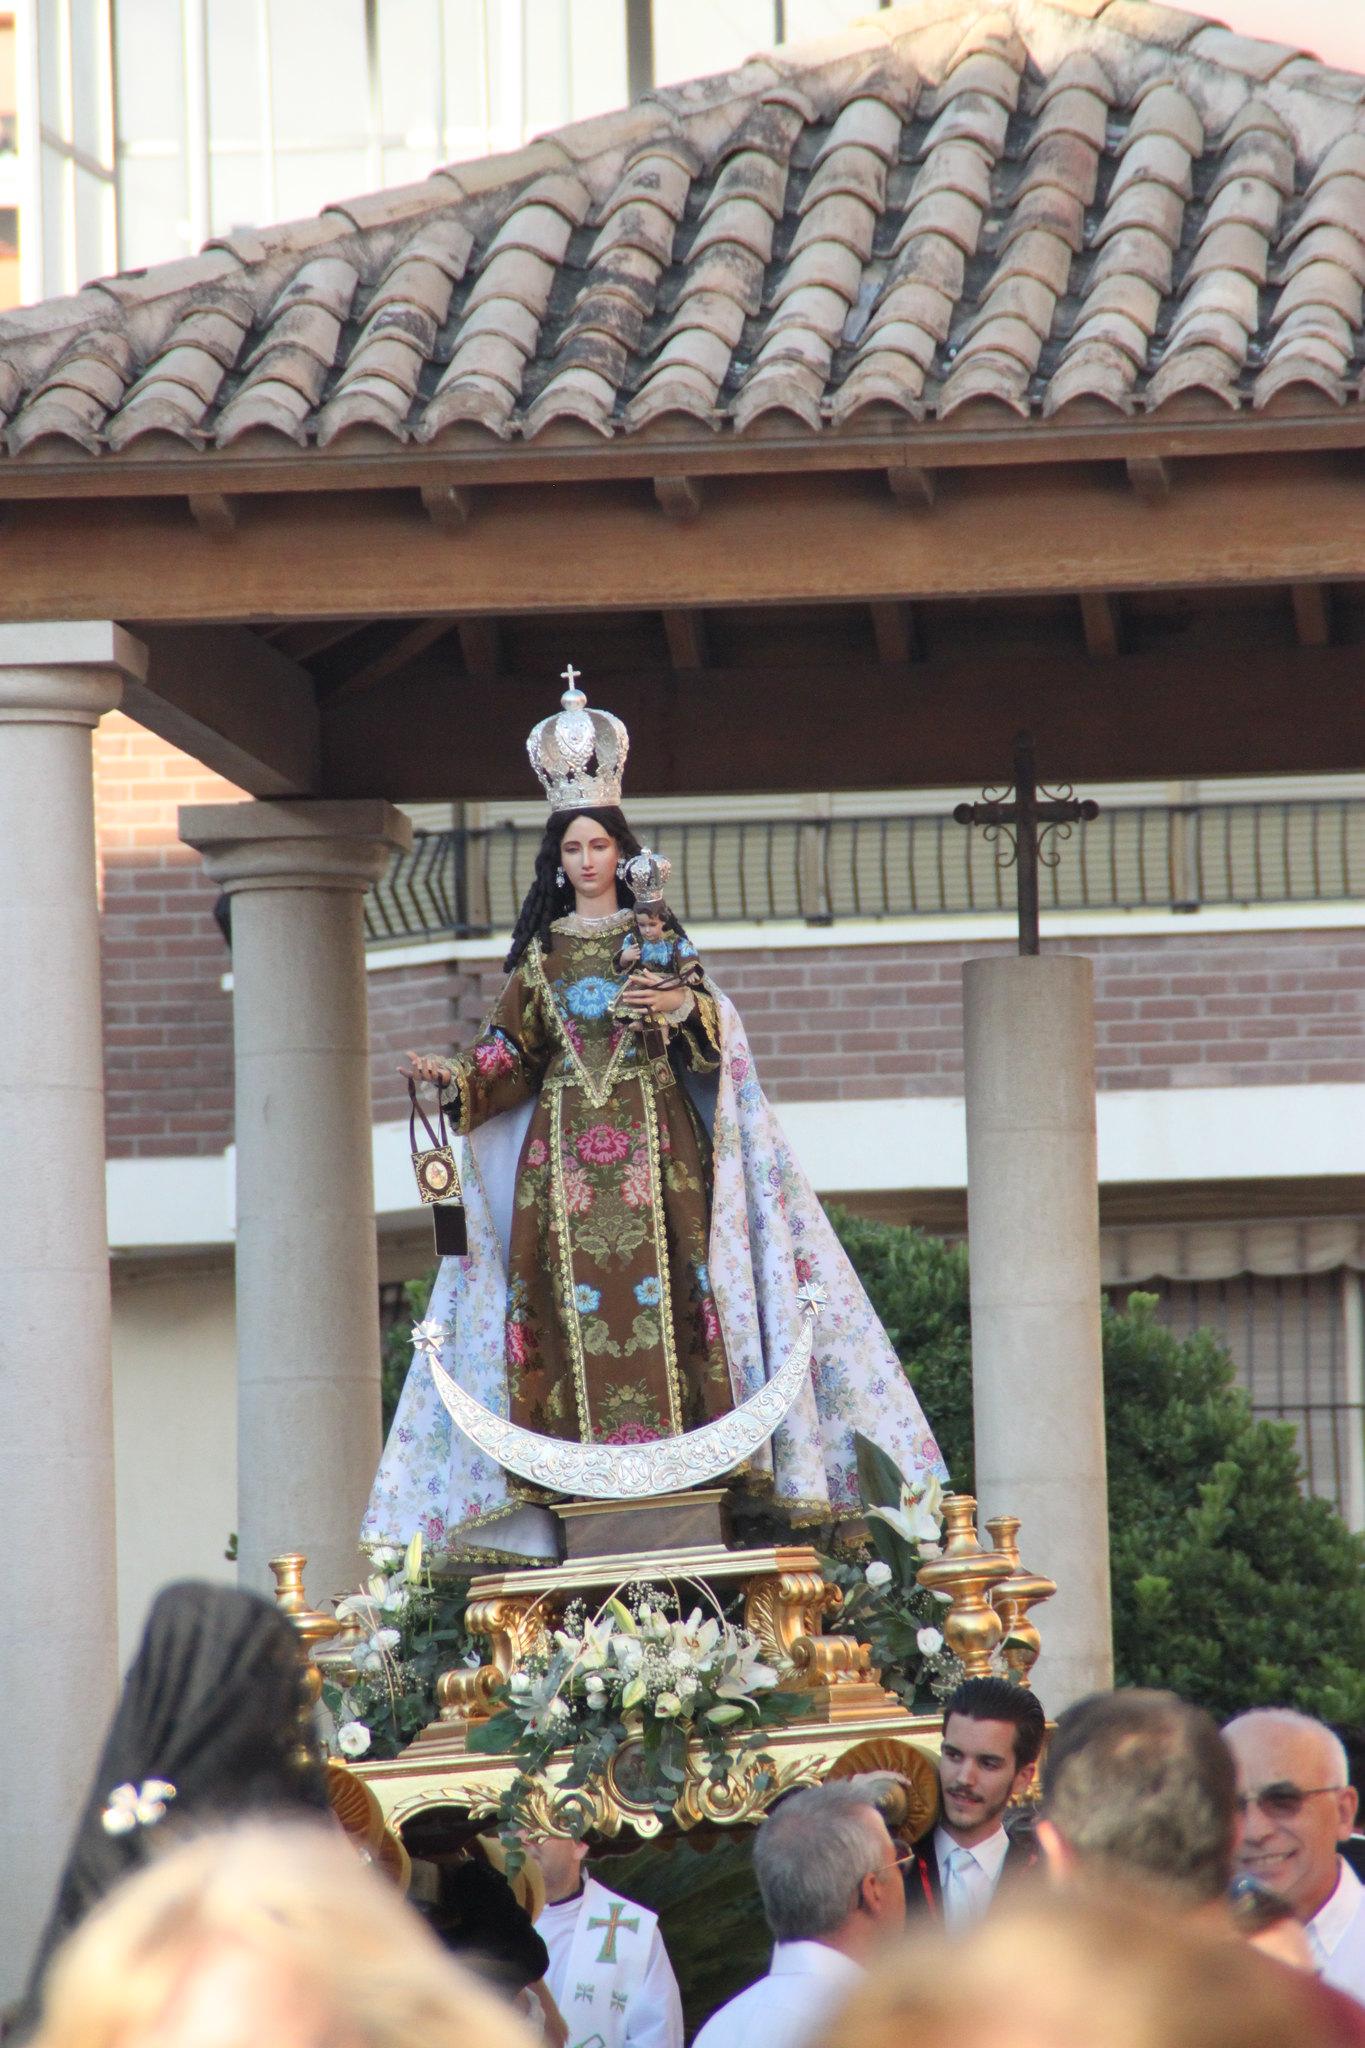 (2015-07-12) - Virgen del Carmen, parroquia La Santa Cruz - Javier Romero Ripoll (149)